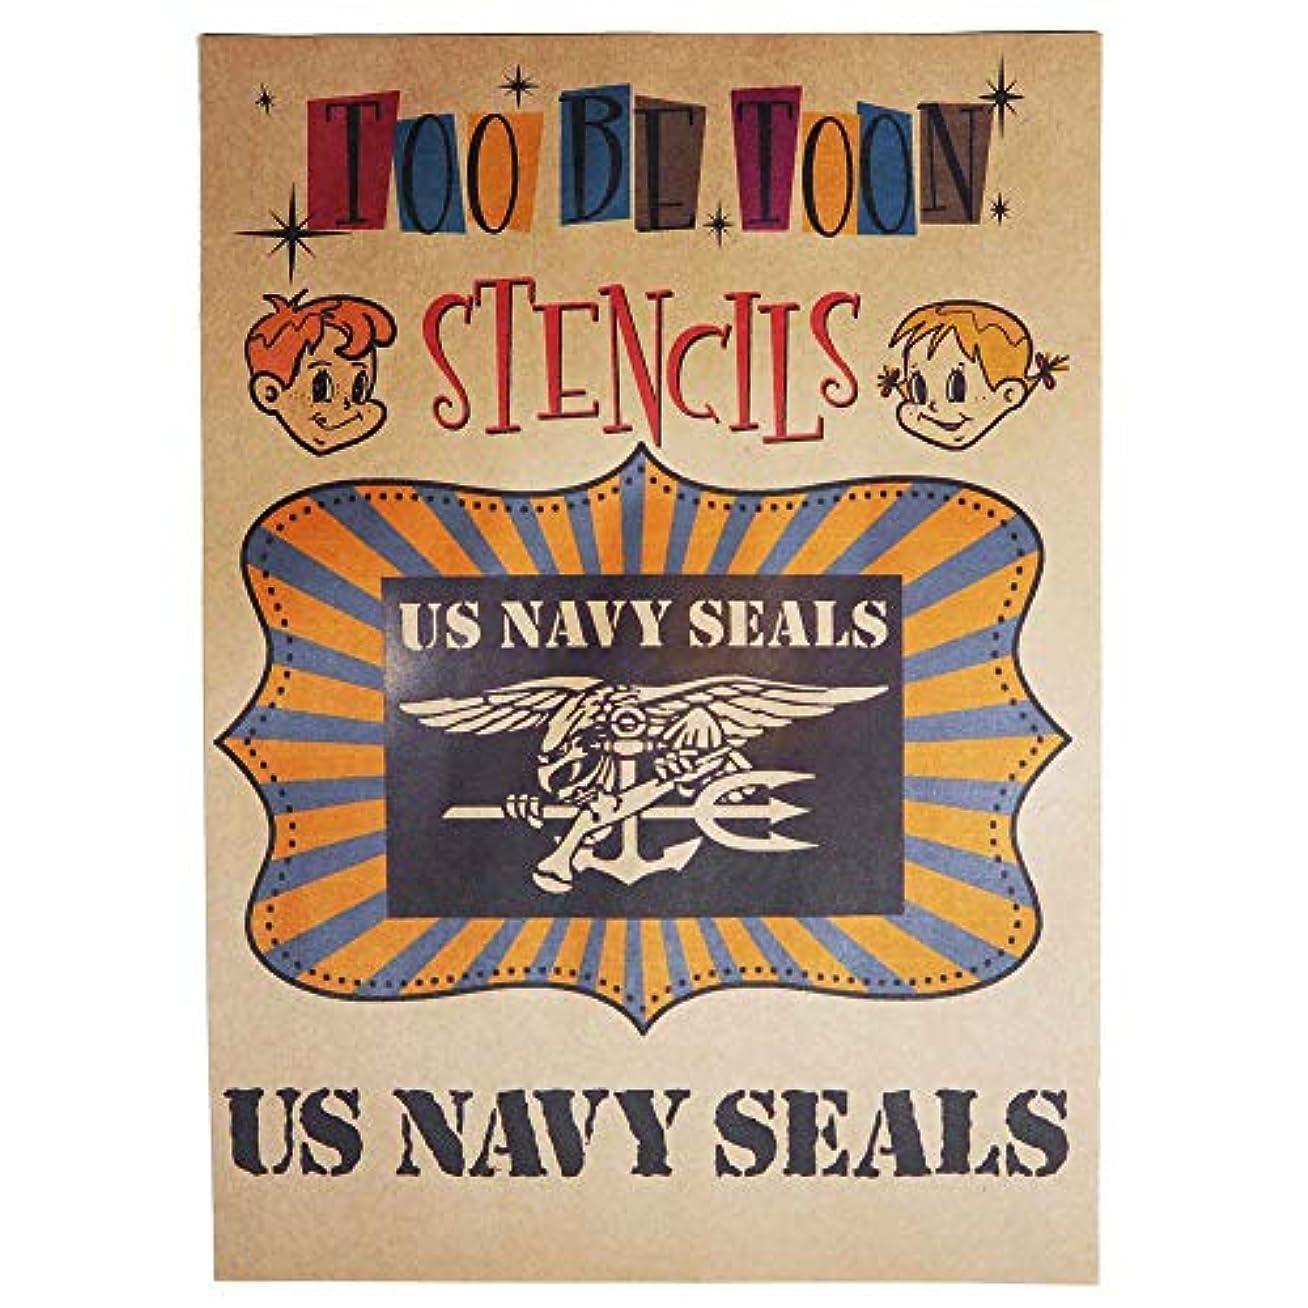 実行可能航空会社拒絶アメリカ軍エンブレムロゴステンシルシート (US NAVY SEALS)